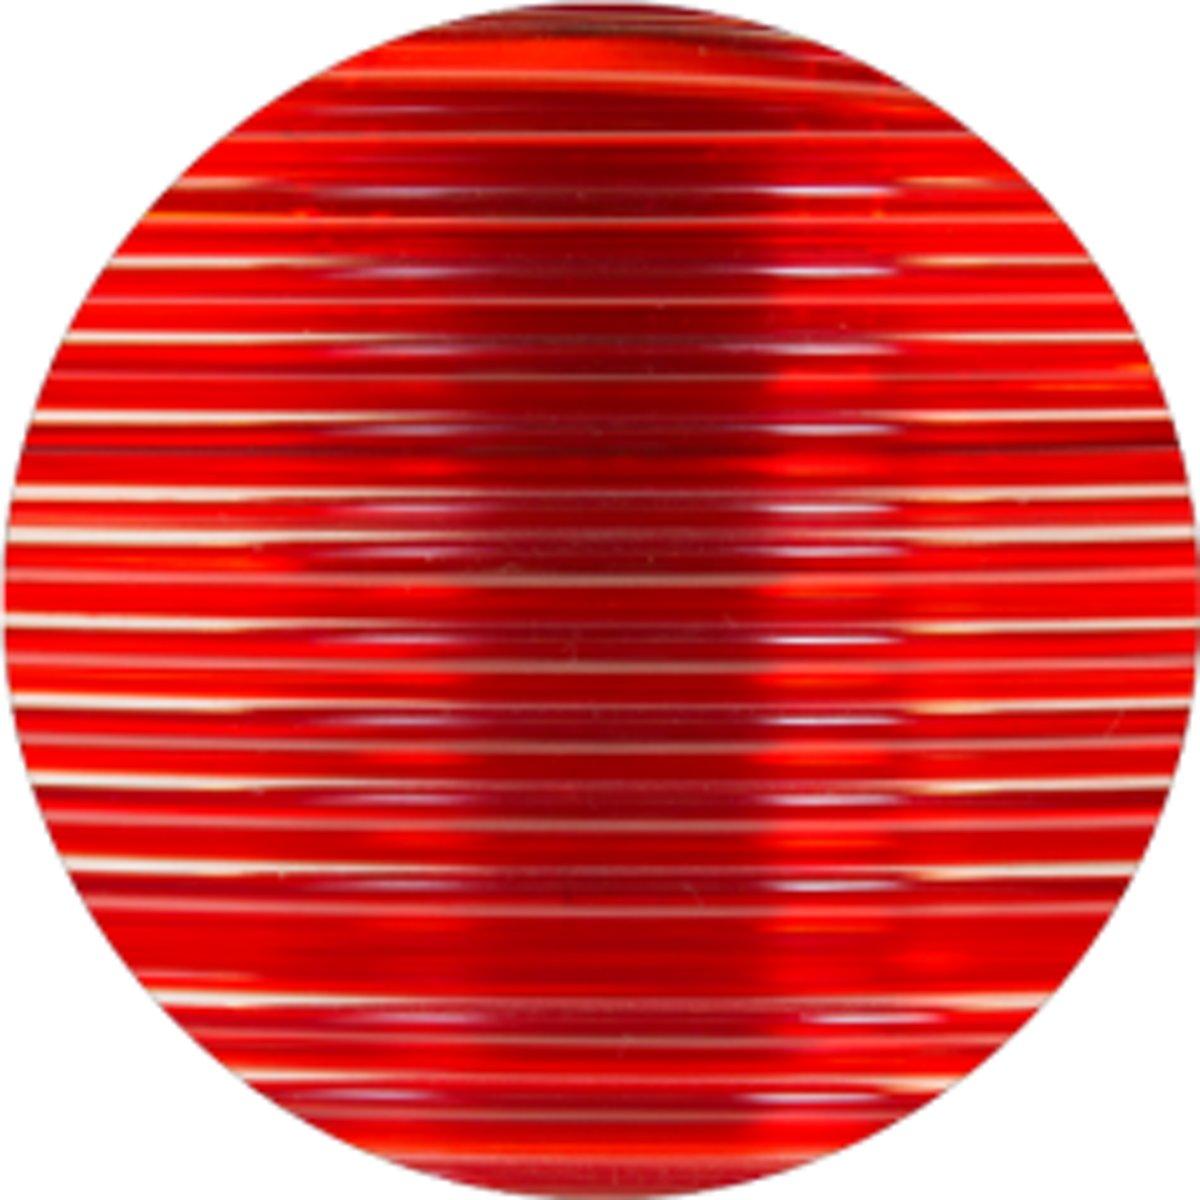 NGEN RED TRANSPARENT 2.85 / 750